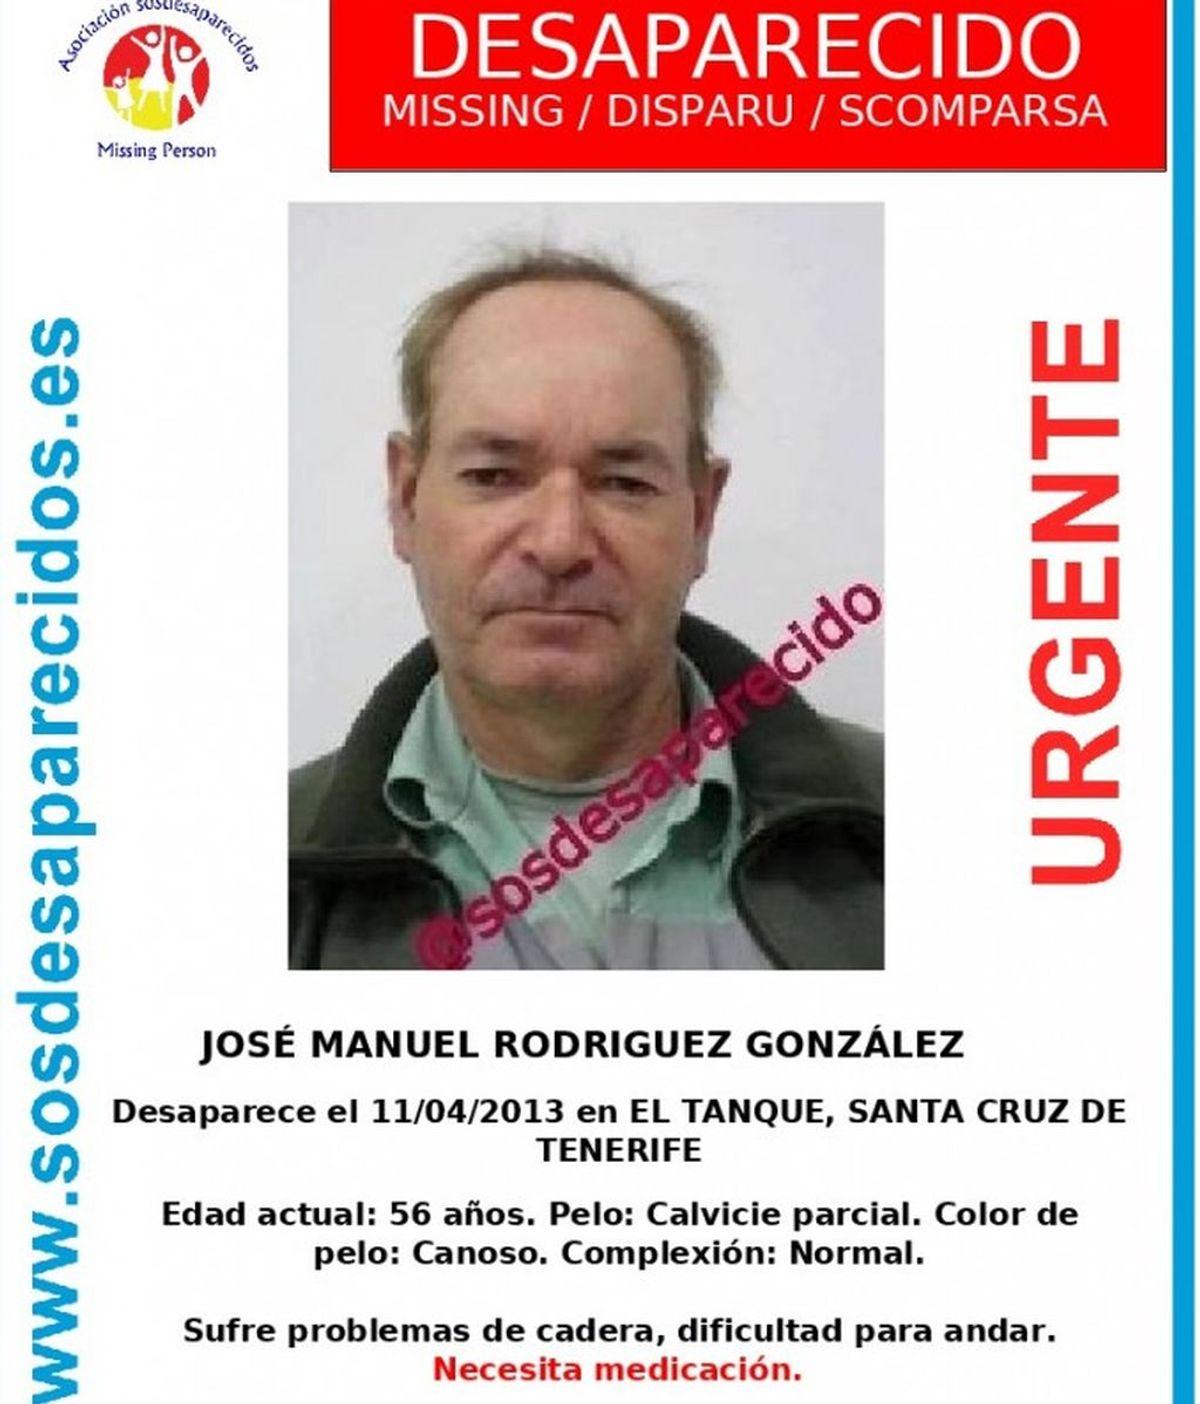 Encuentra el cuerpo sin vida de José Manuel Rodríguez González